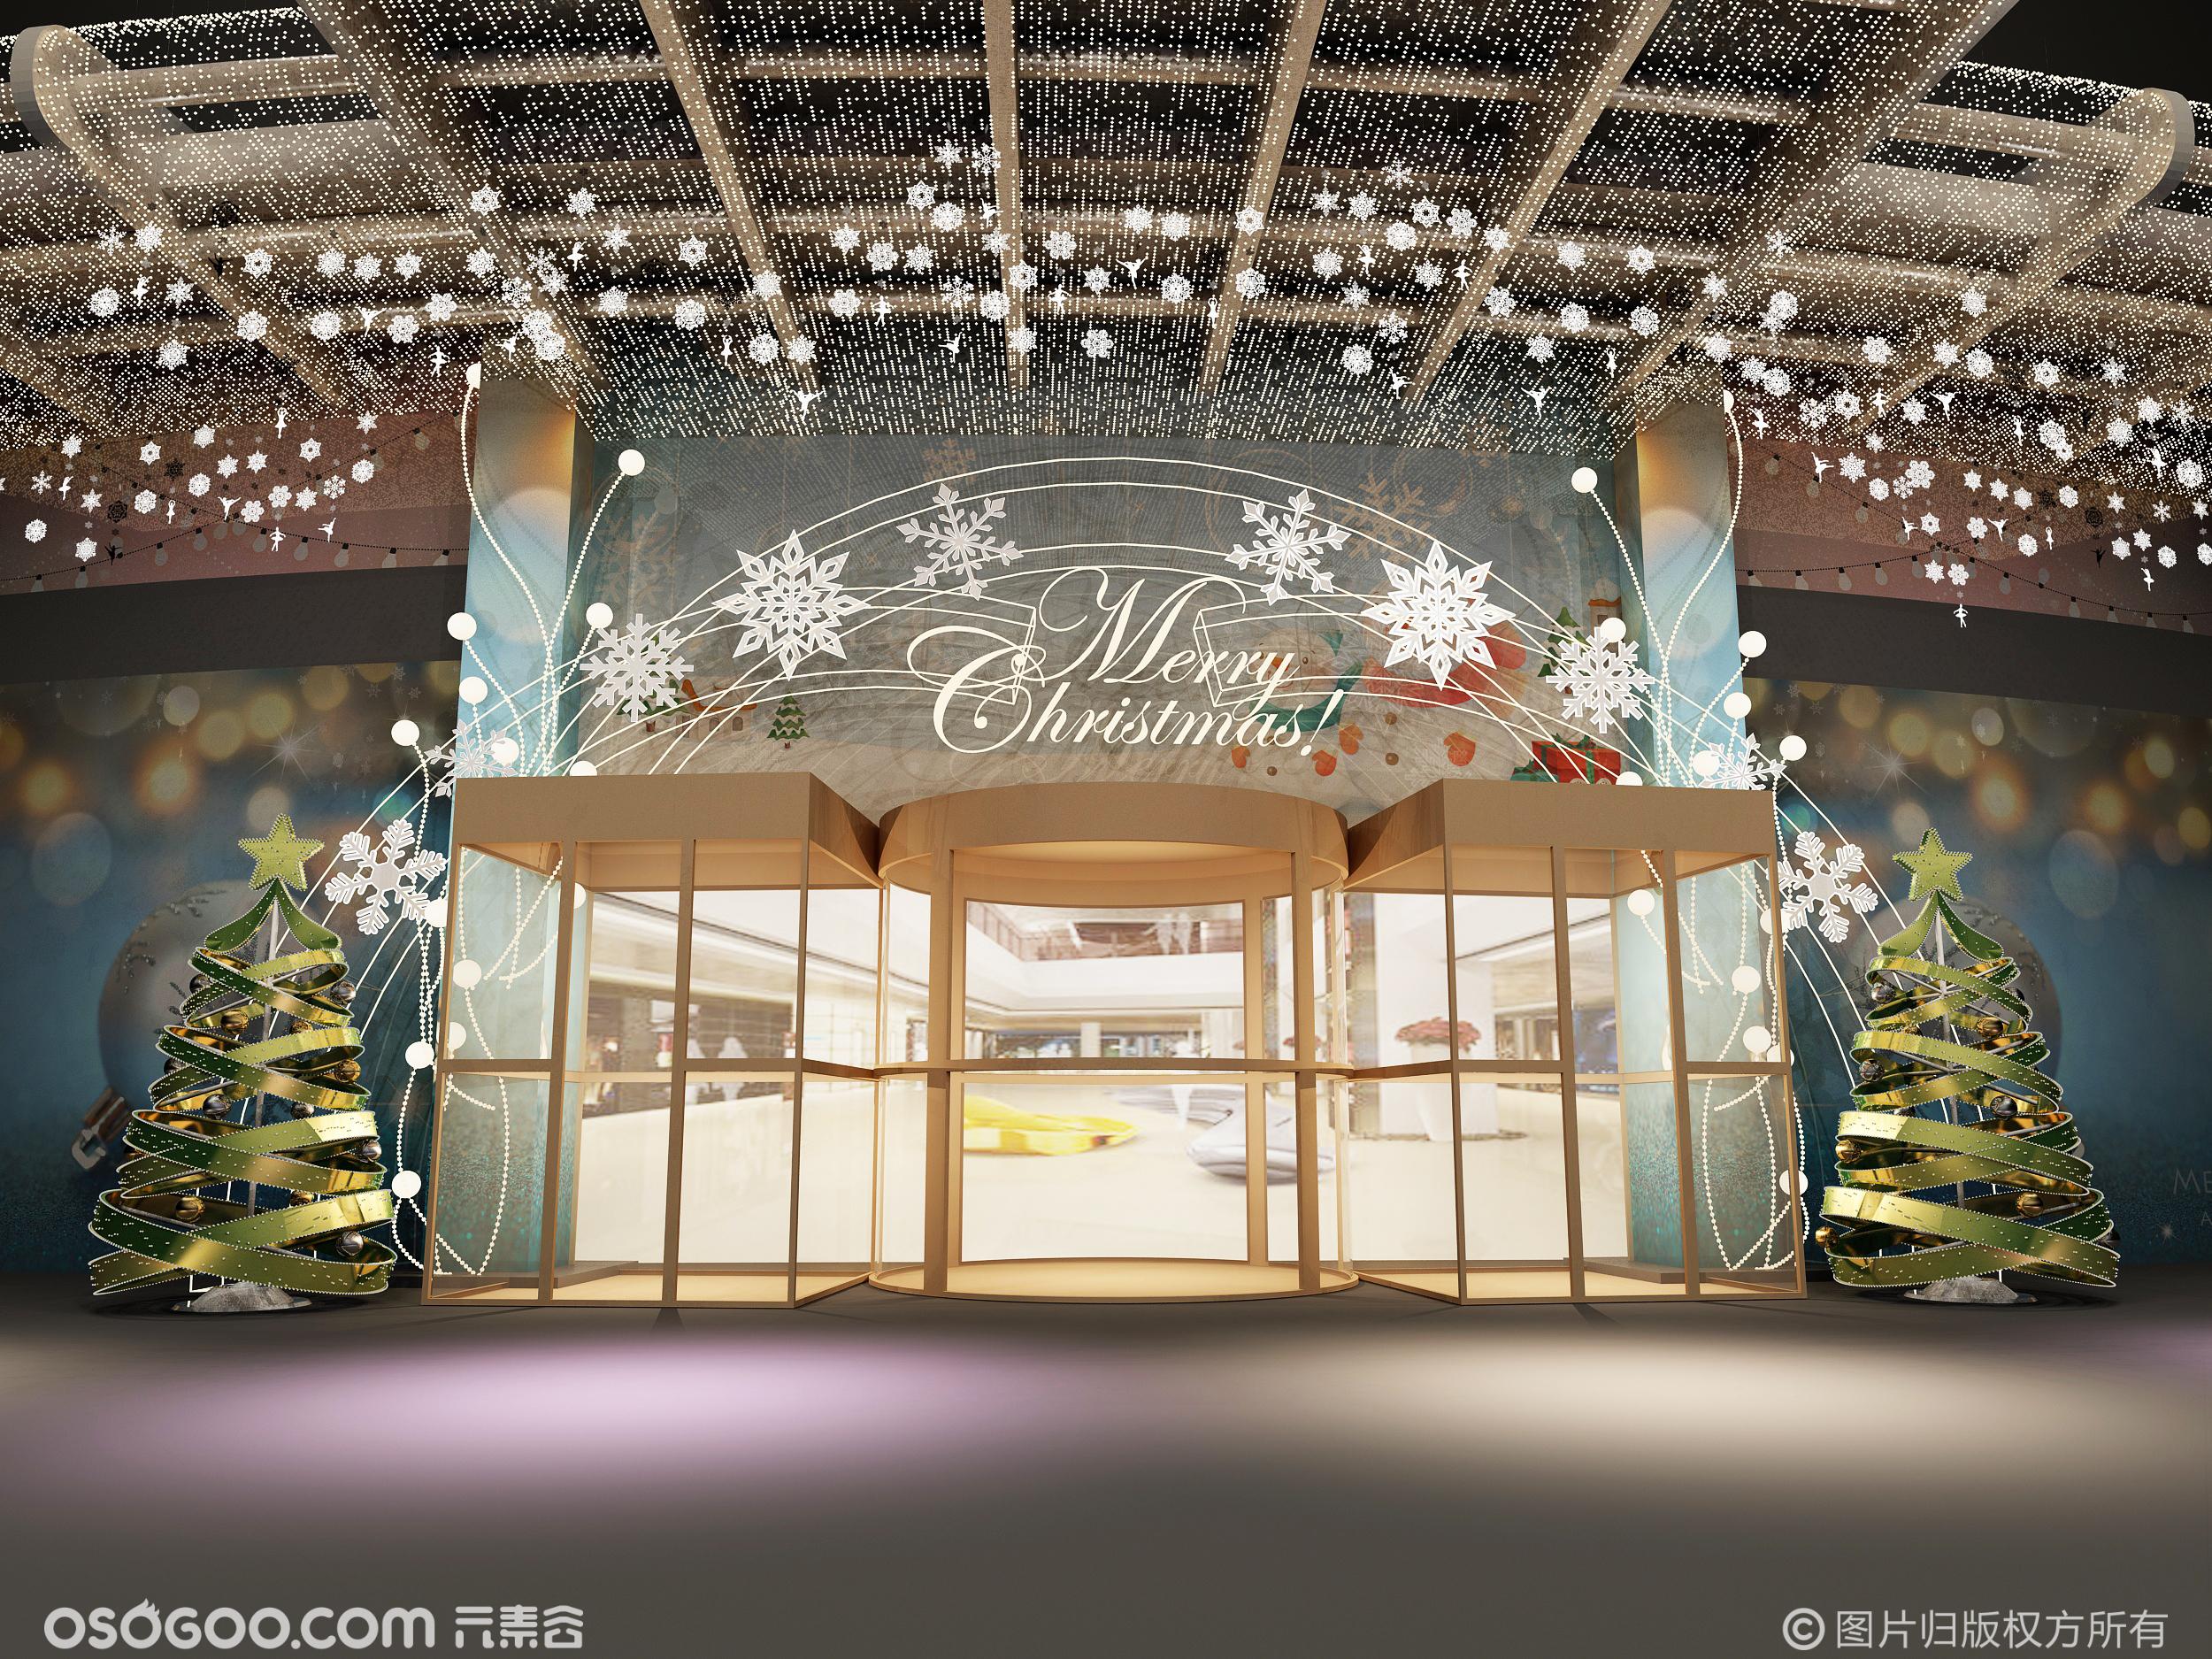 3D设计效果图▪圣诞节商场门头装饰灯圣诞美陈